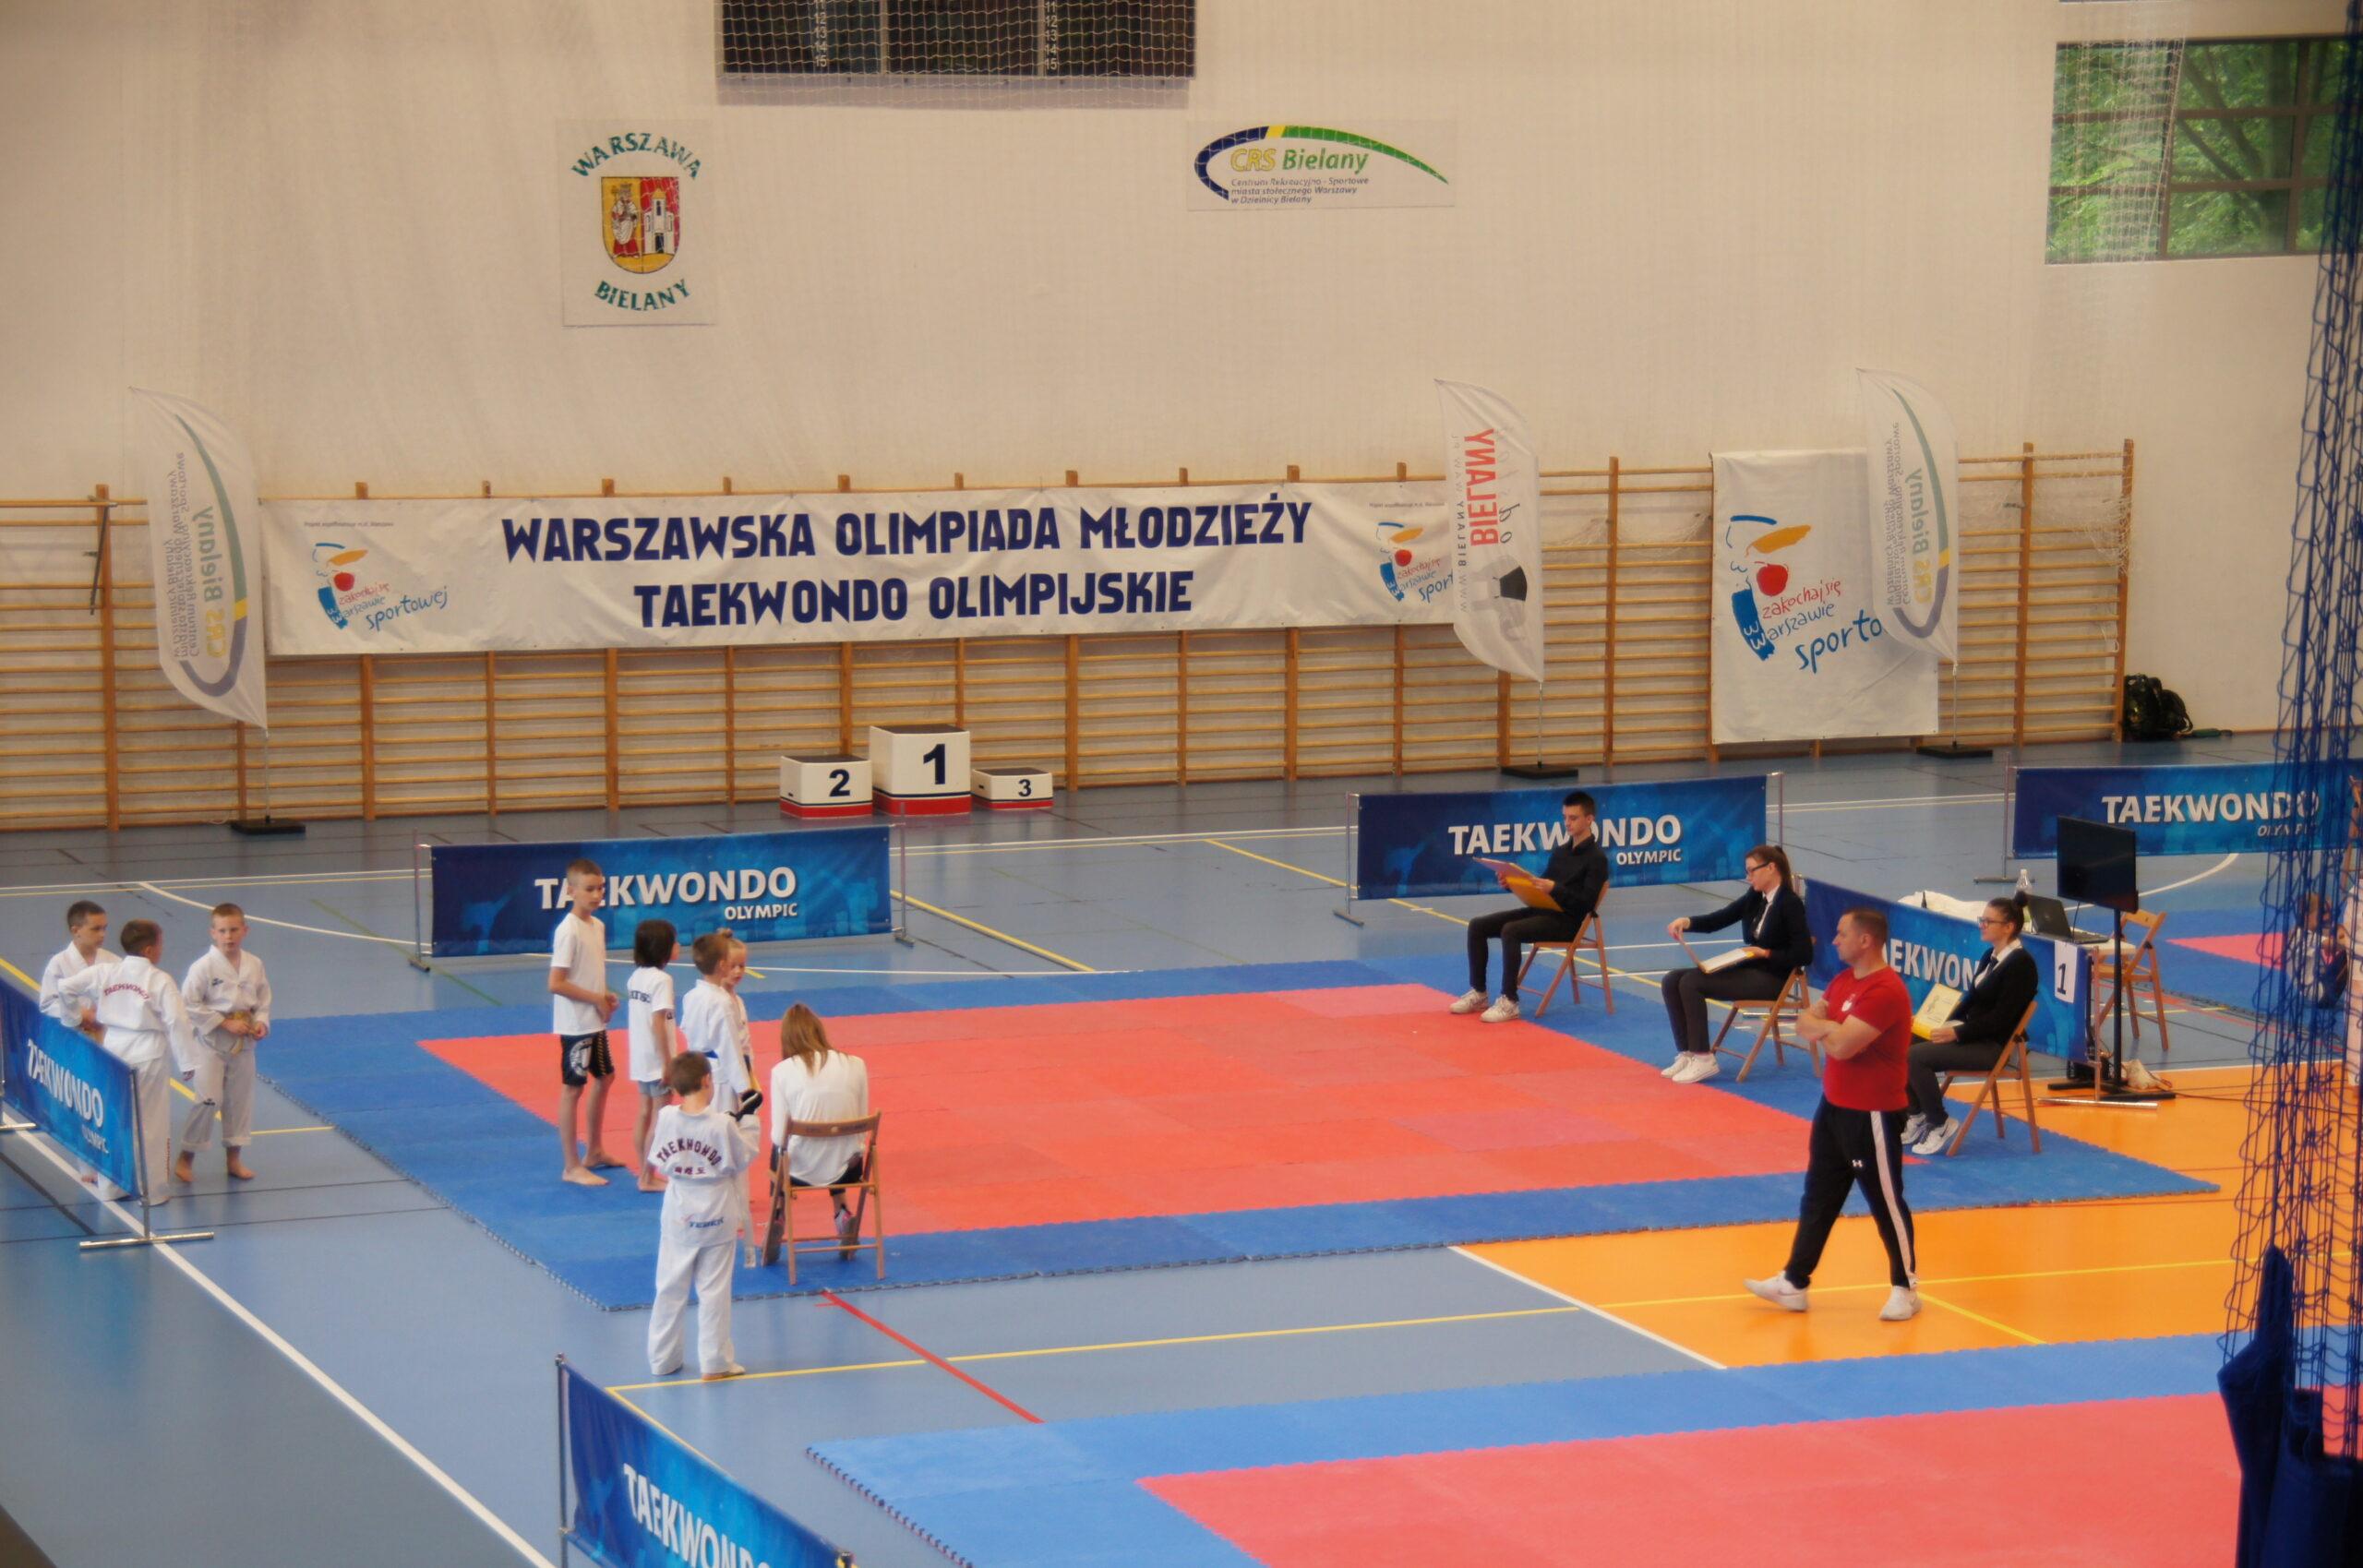 Duża ilość dzieci przygotowujące się do zawodów na hali sportowej.